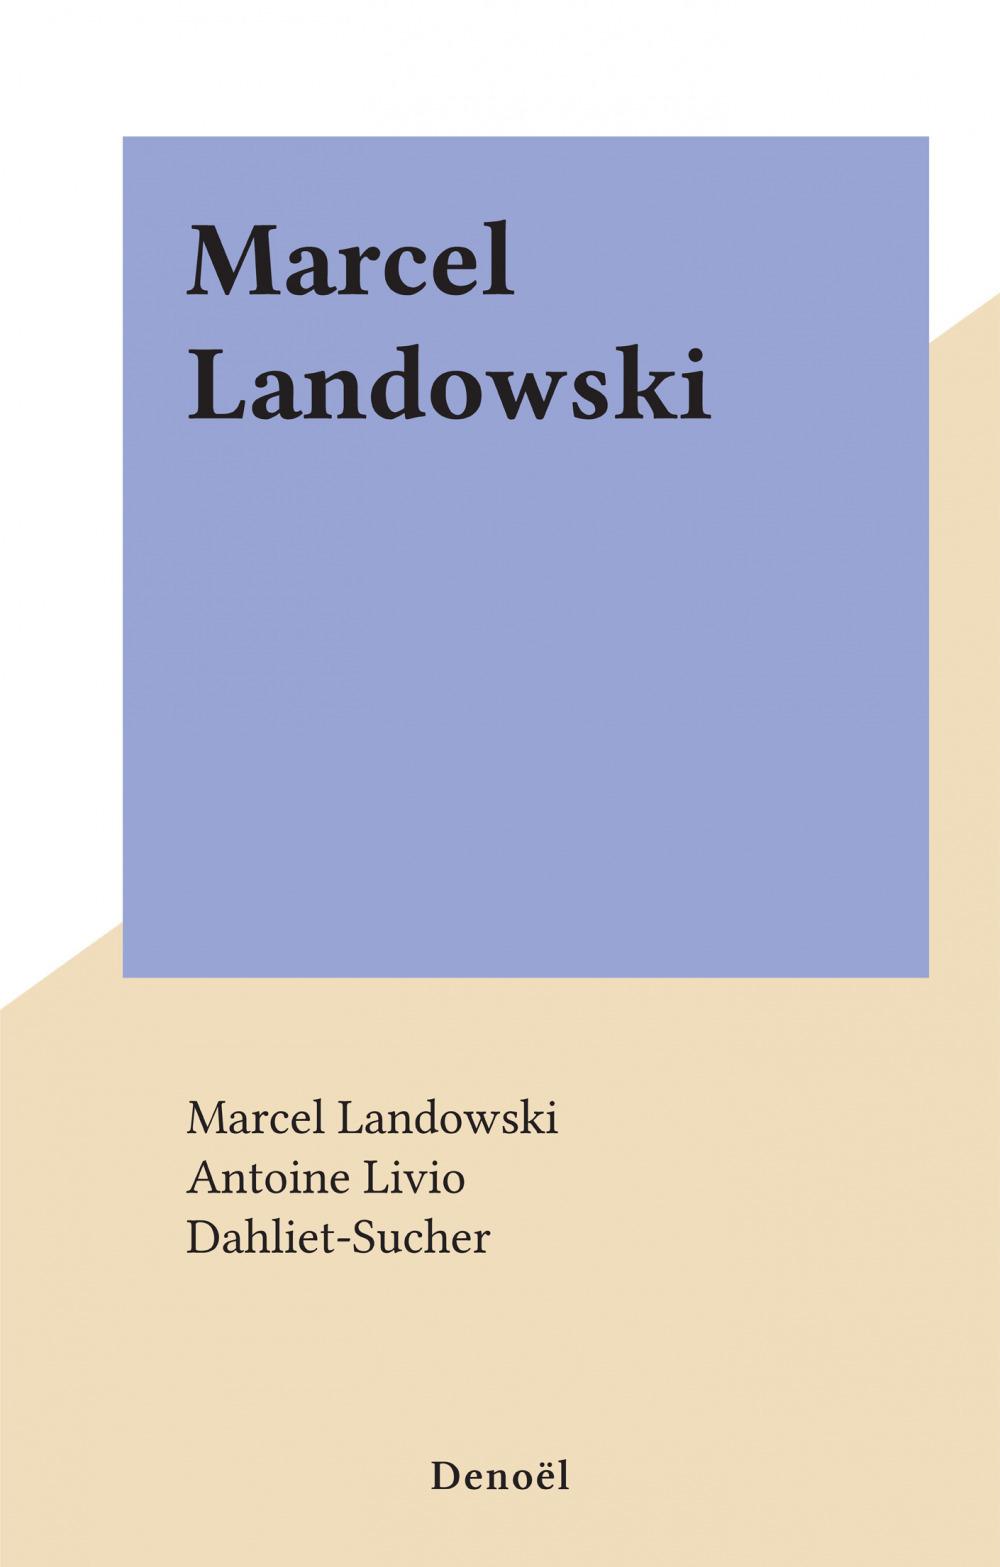 Marcel Landowski  - Marcel Landowski  - Antoine Livio